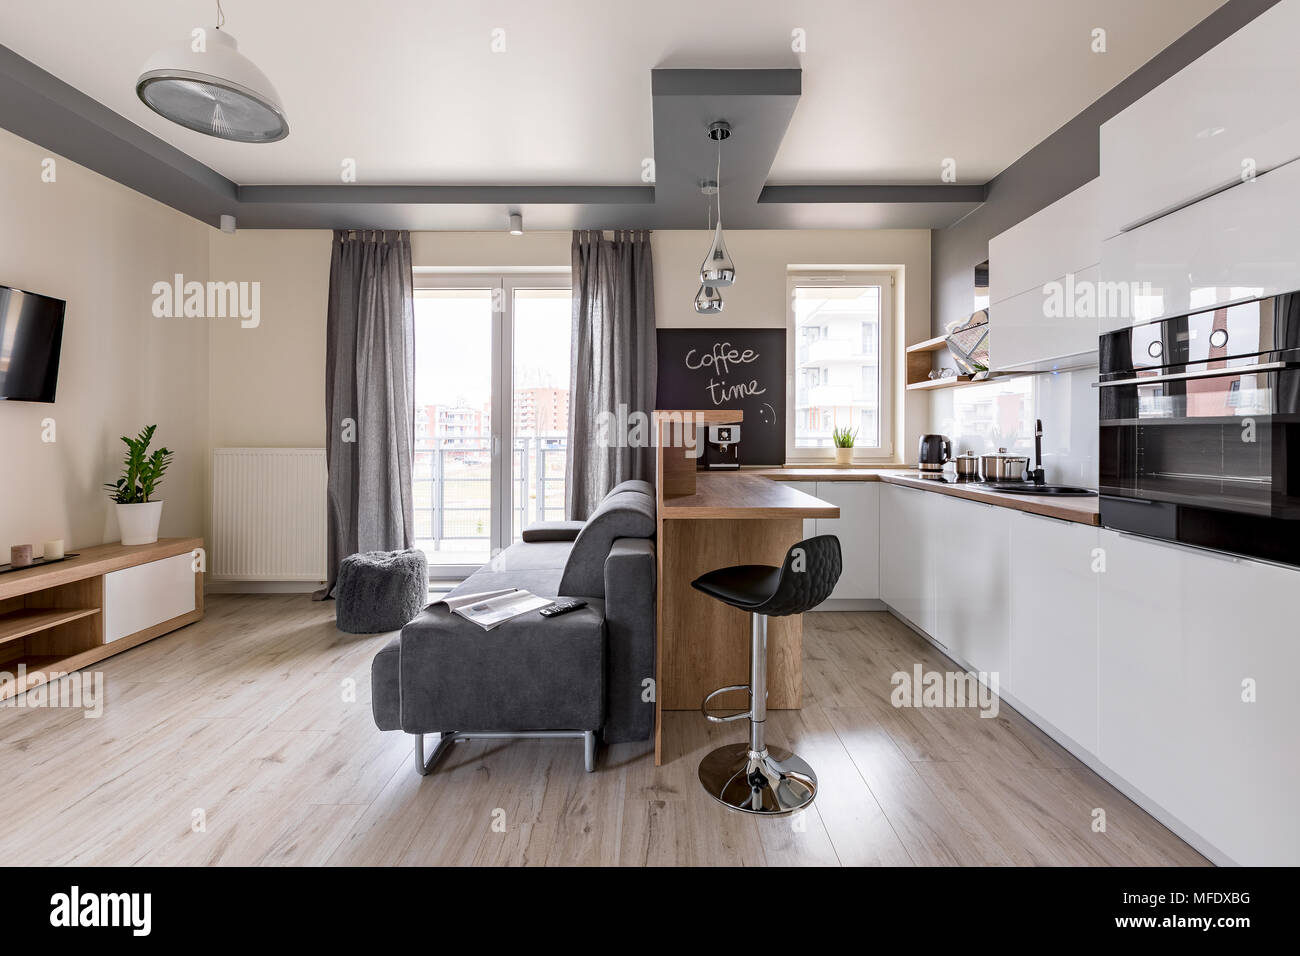 Moderne Wohnung Mit Offener Kuche Und Gemutliche Wohnzimmer Stockfotografie Alamy